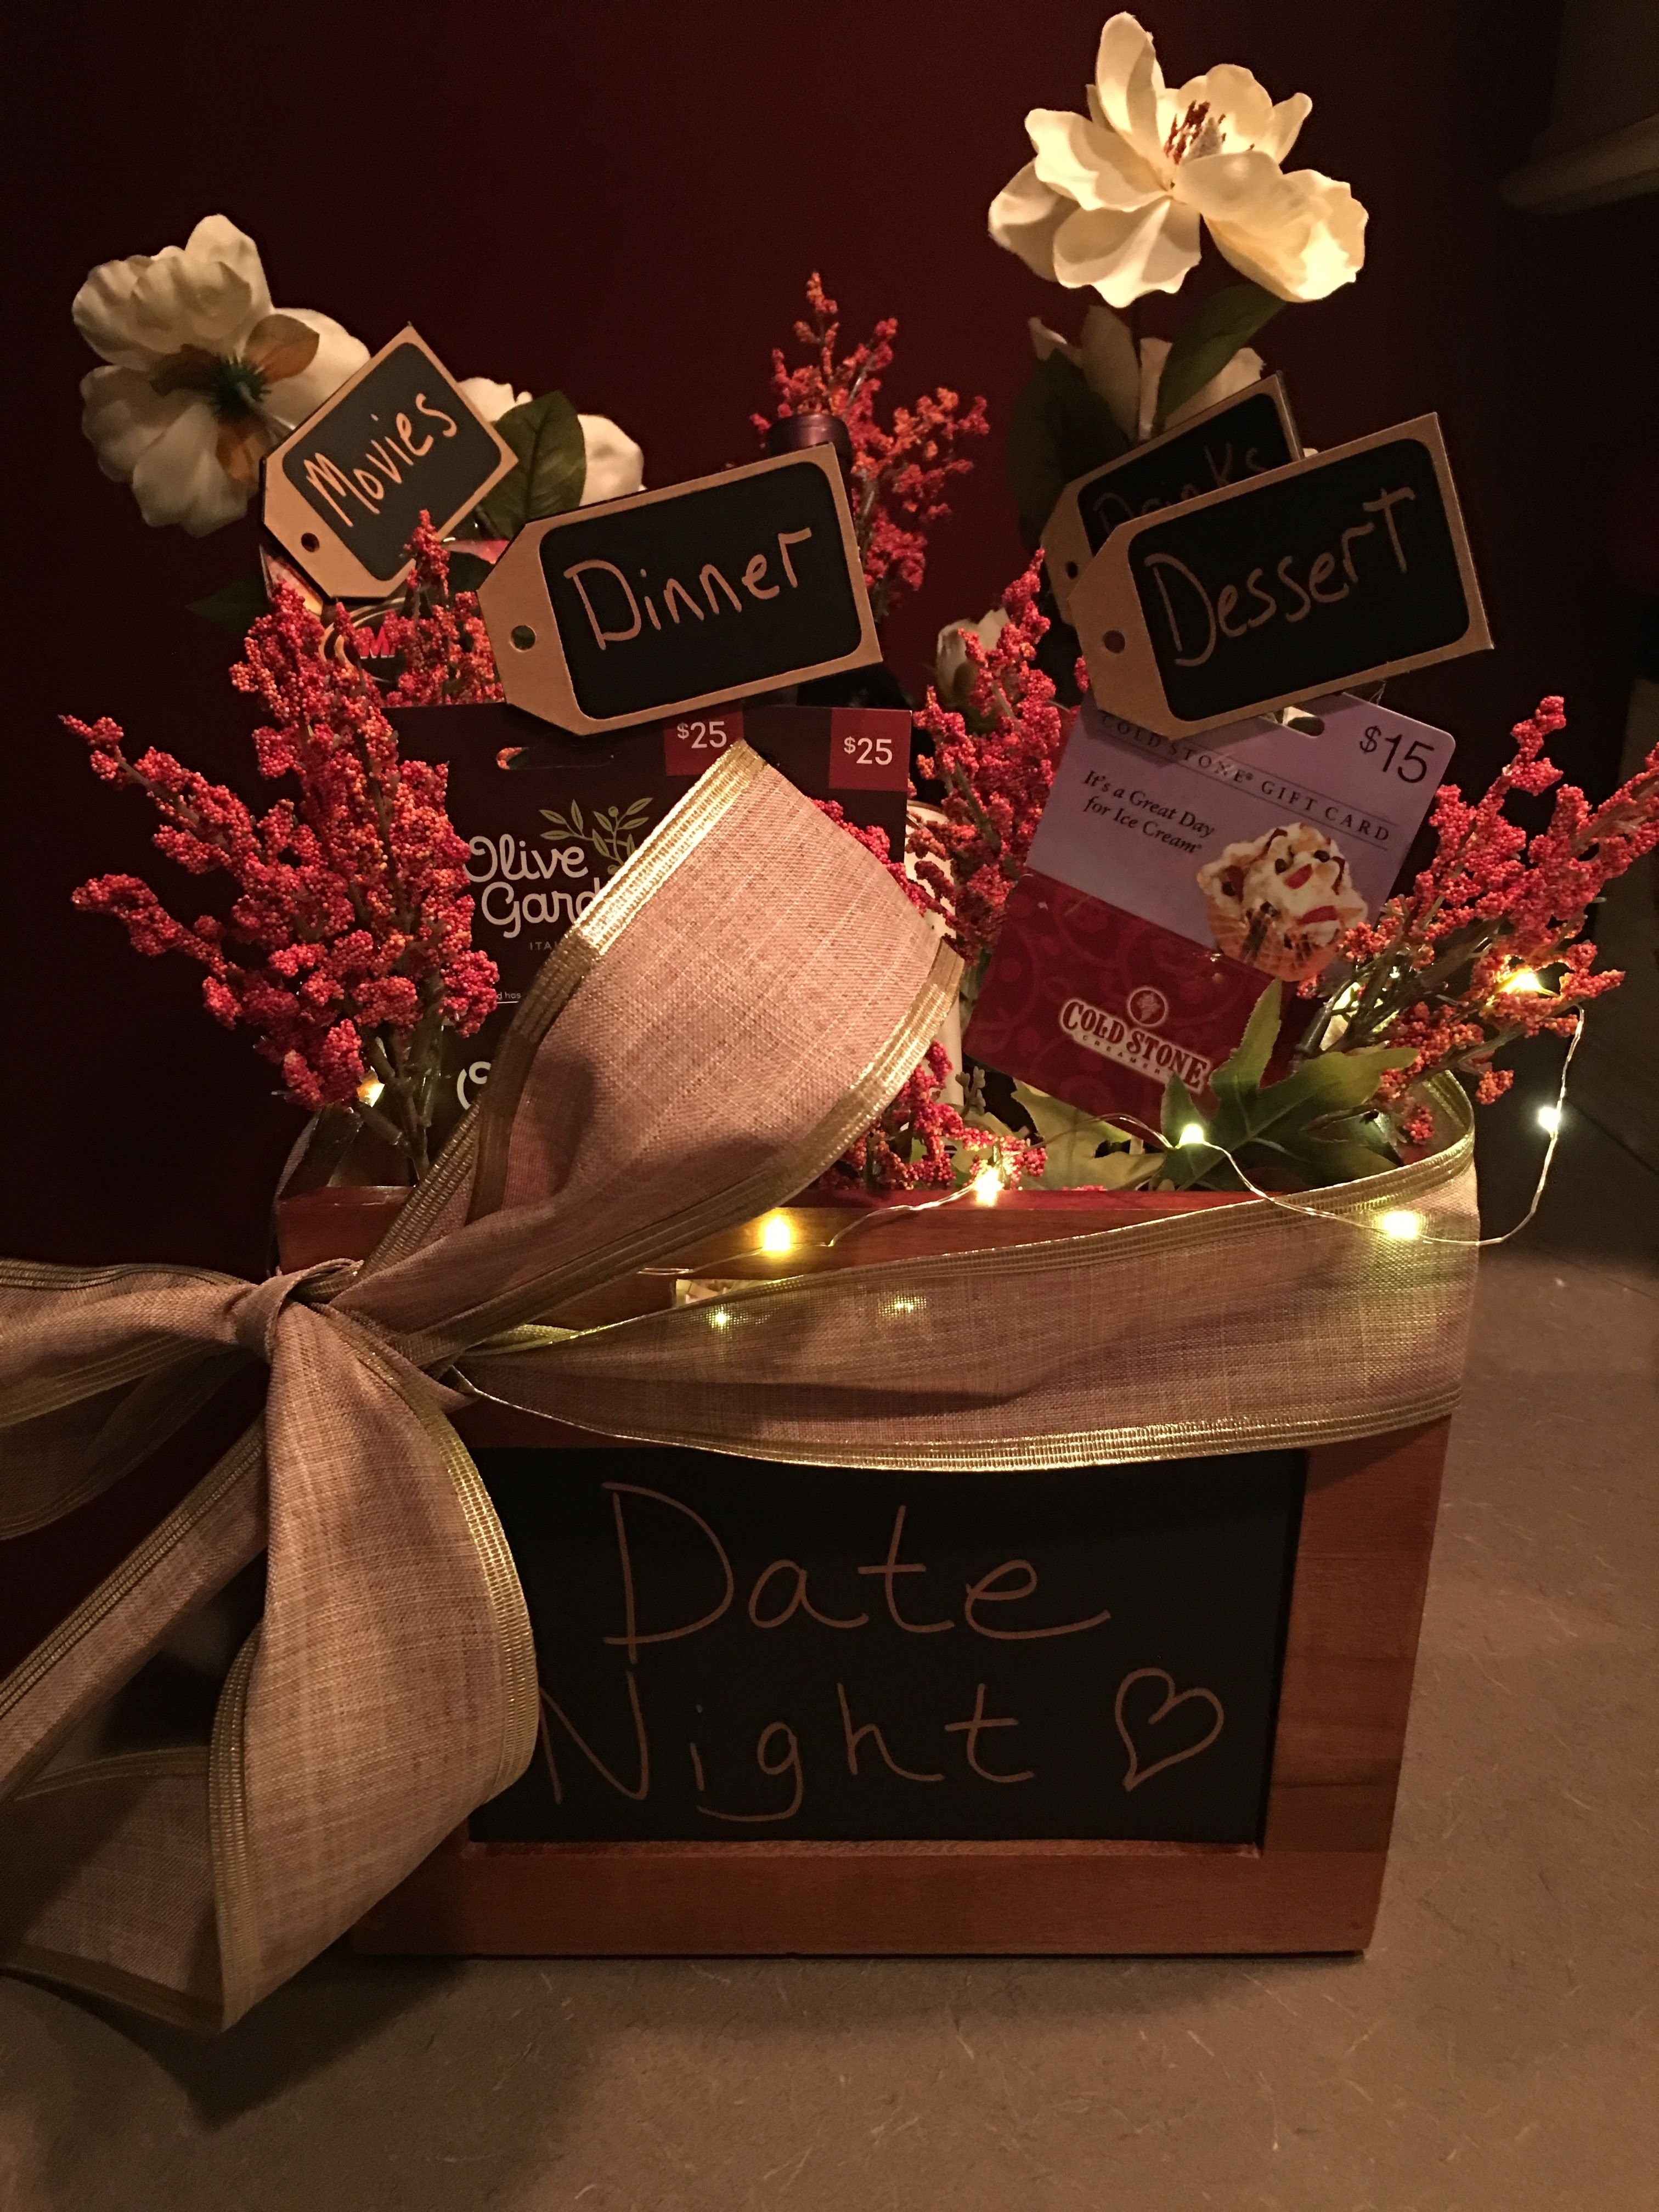 10 Best Date Night Gift Basket Ideas date night gift basket crafty pinterest gift basket ideas and 1